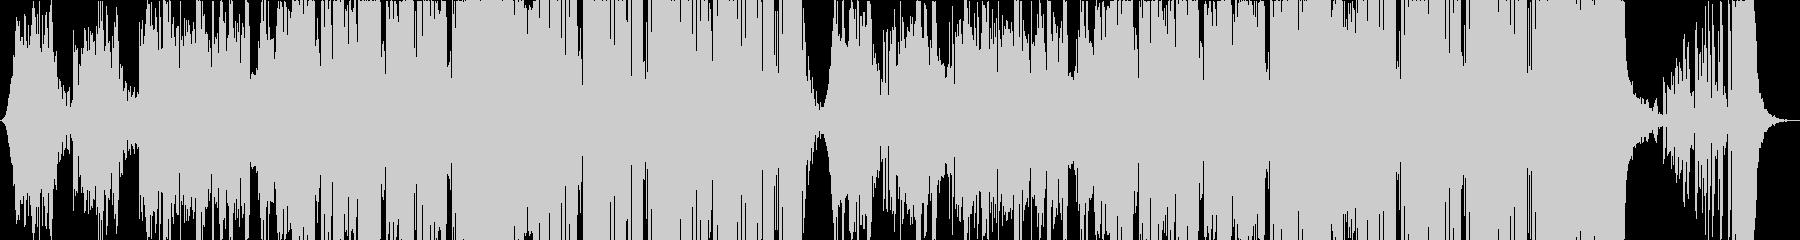 静かでクールなダンス系楽曲(洋楽) の未再生の波形